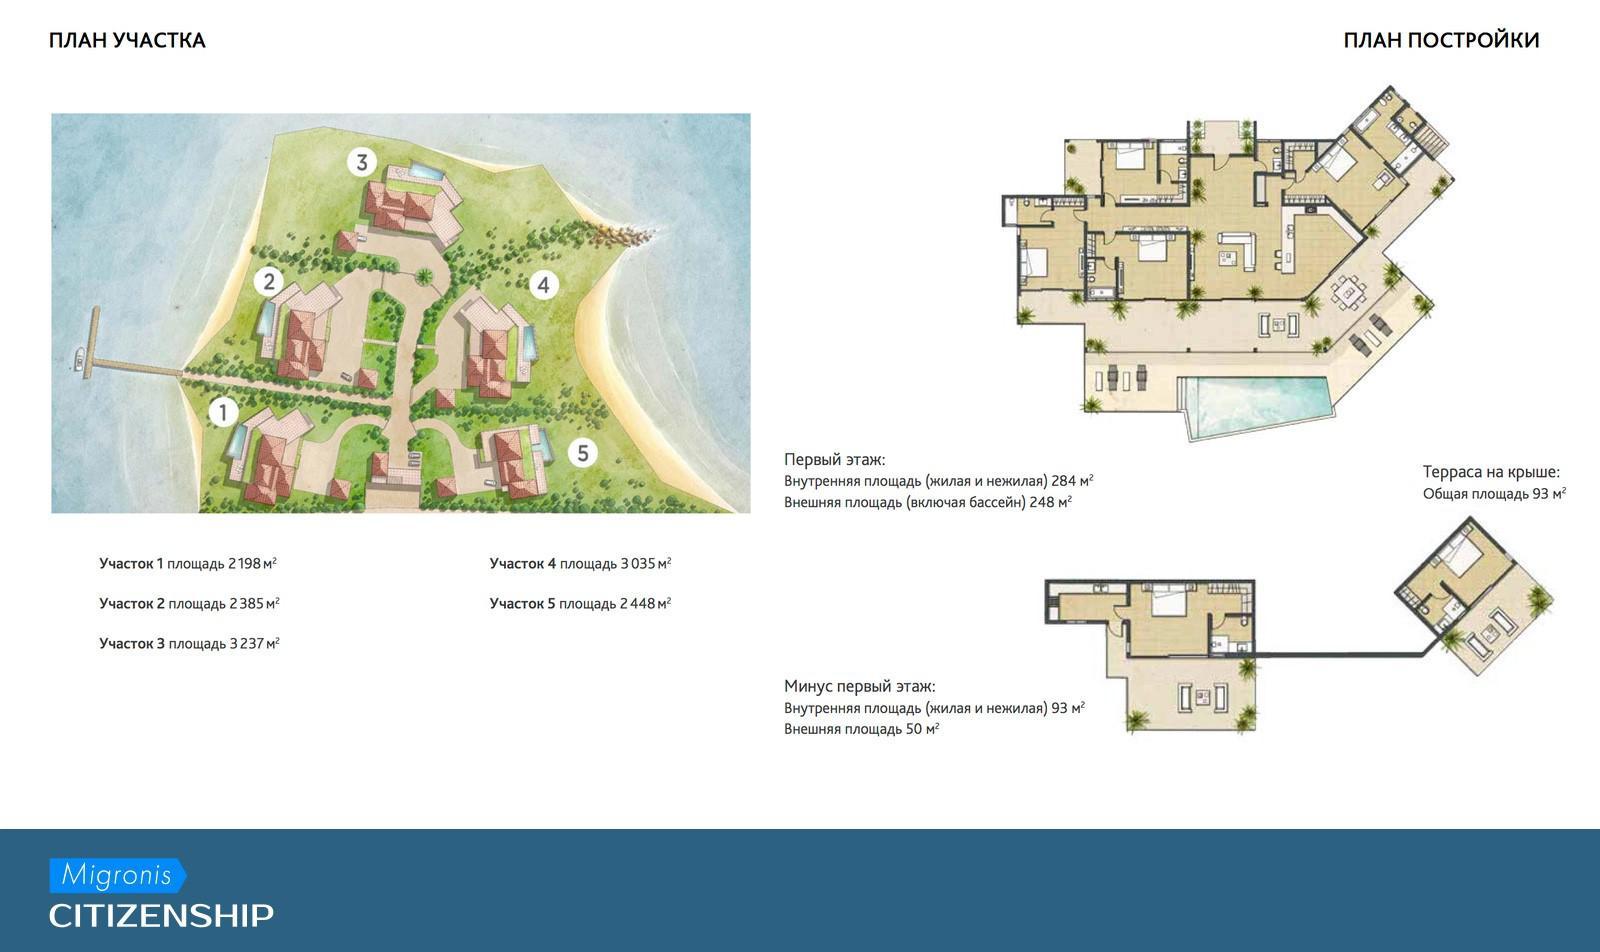 Недвижимость на Антигуа и Барбуде: Daniel Bay — закрытый поселок для пяти элитных вилл | Migronis